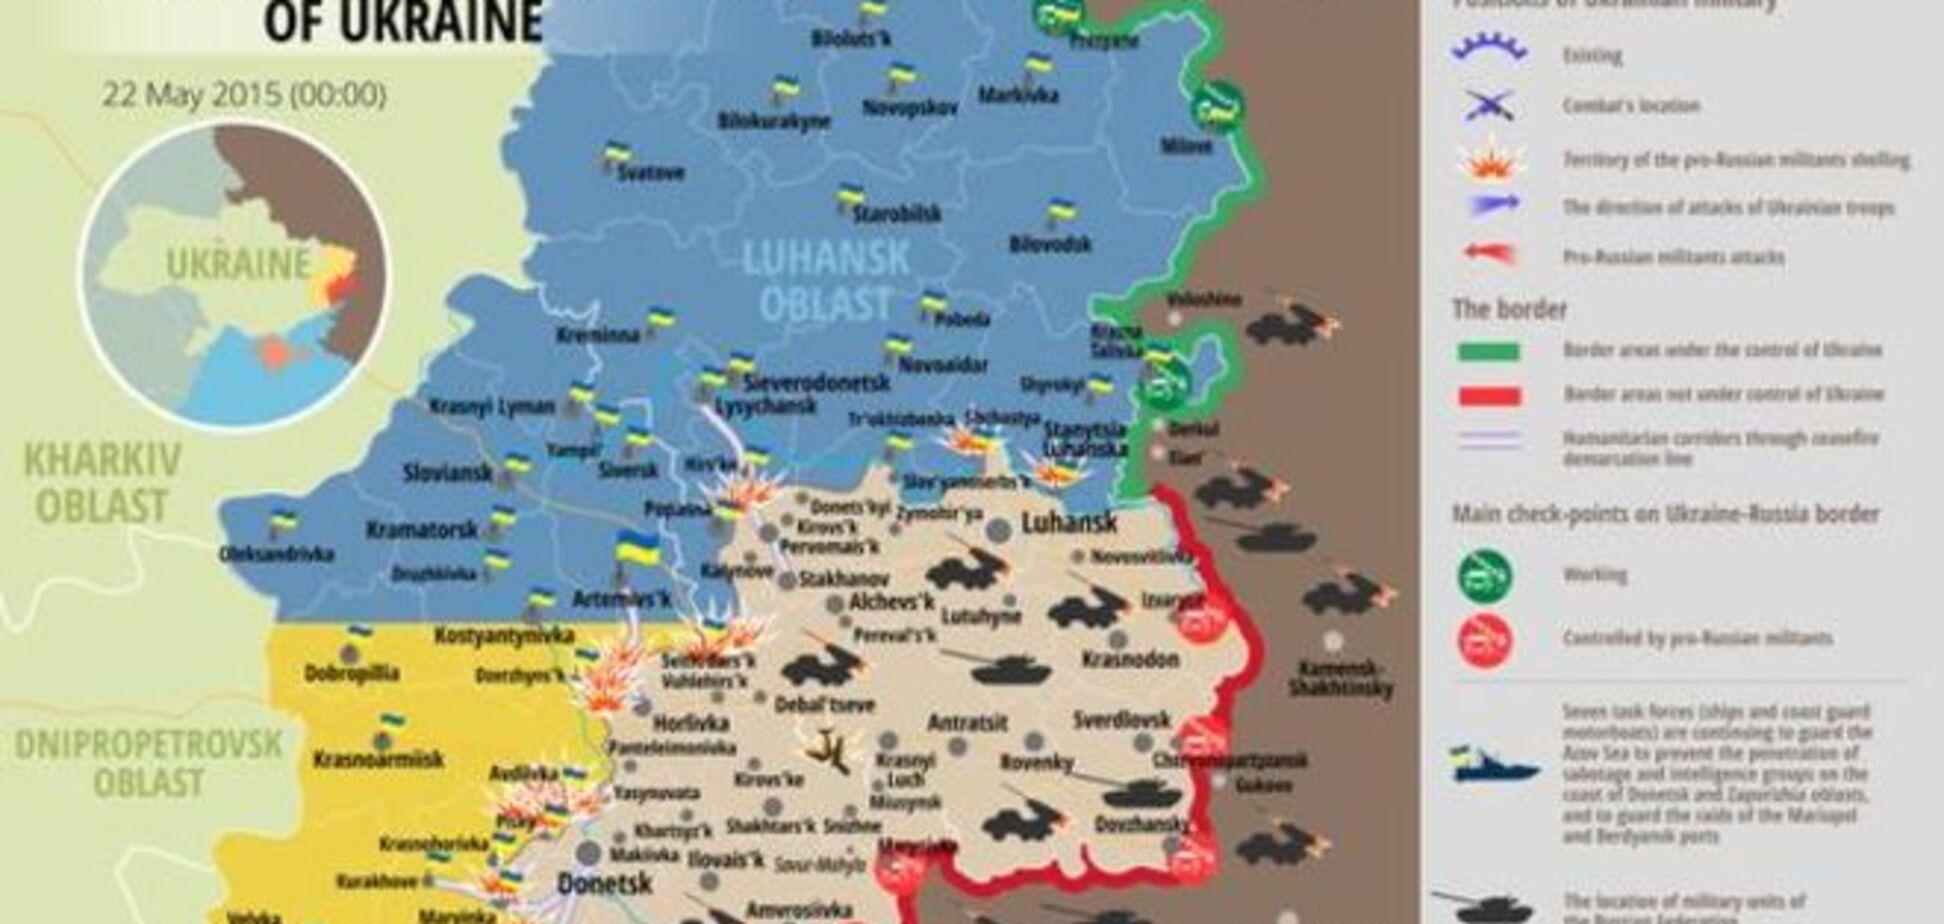 Террористы применяют широкий спектр вооружений: карта АТО